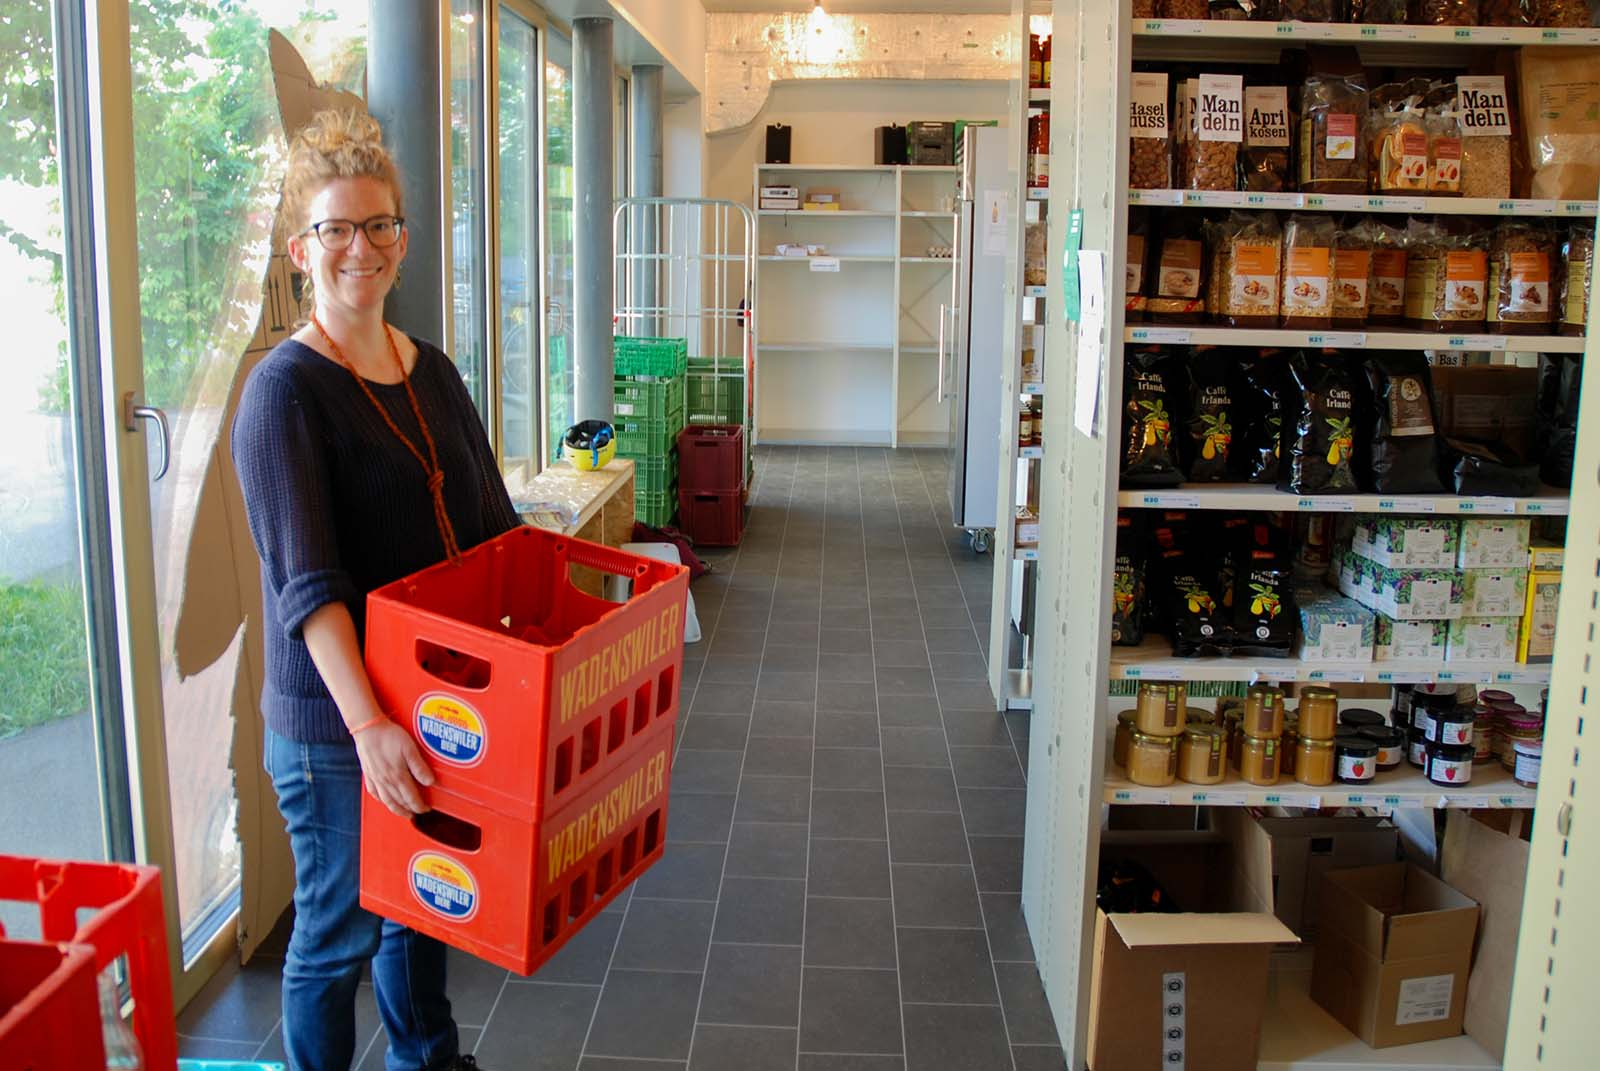 Josephine Herzig räumt im Quartierdepot Bier ins Regal: seit Anfang Jahr können Mitglieder hier 24 Stunden am Tag und 7 Tage die Woche nachhaltig einkaufen.